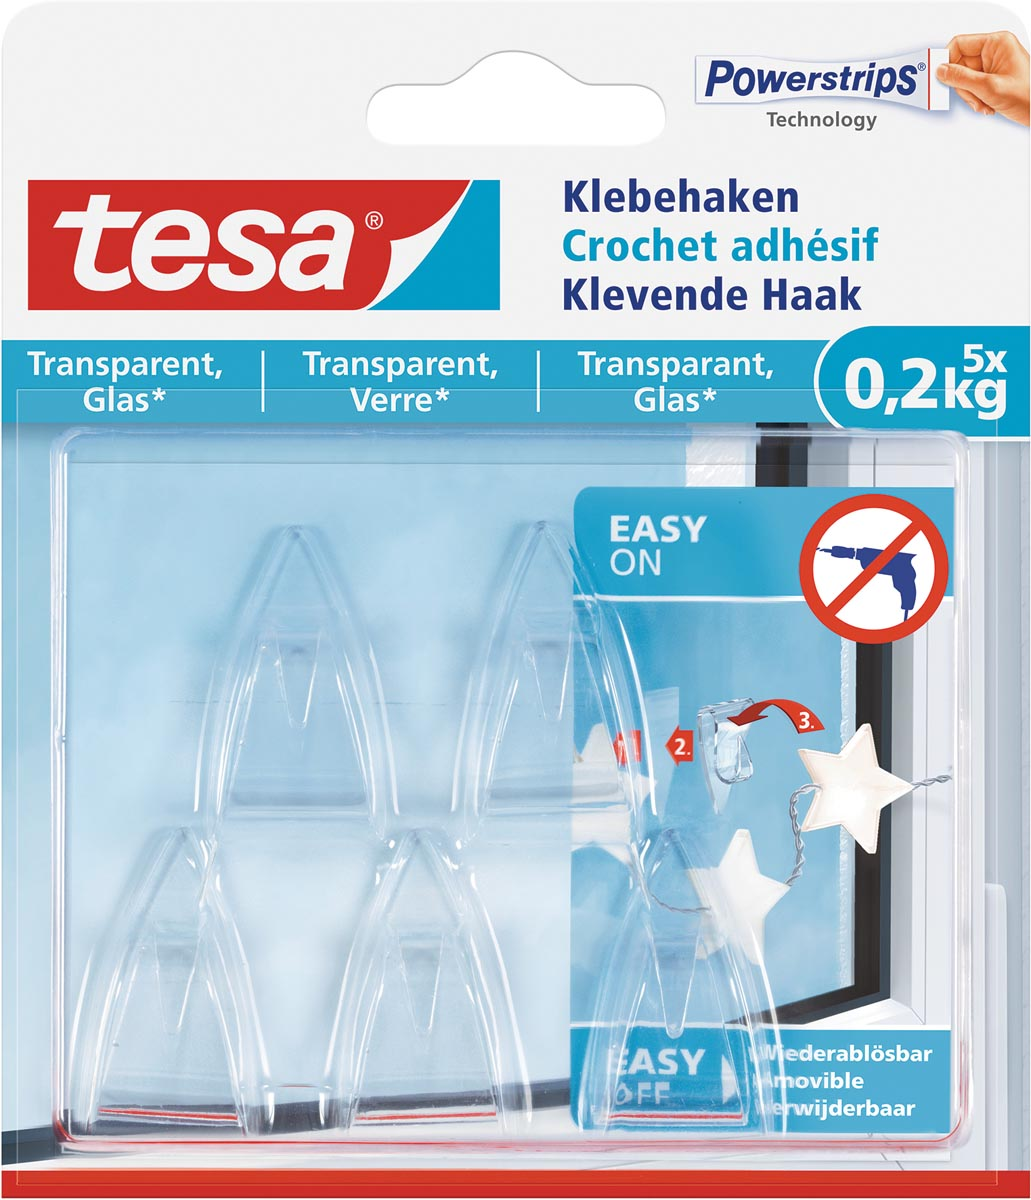 Tesa klevende Haak voor Transparant en Glas, draagvermogen 200 g, blister van 5 stuks